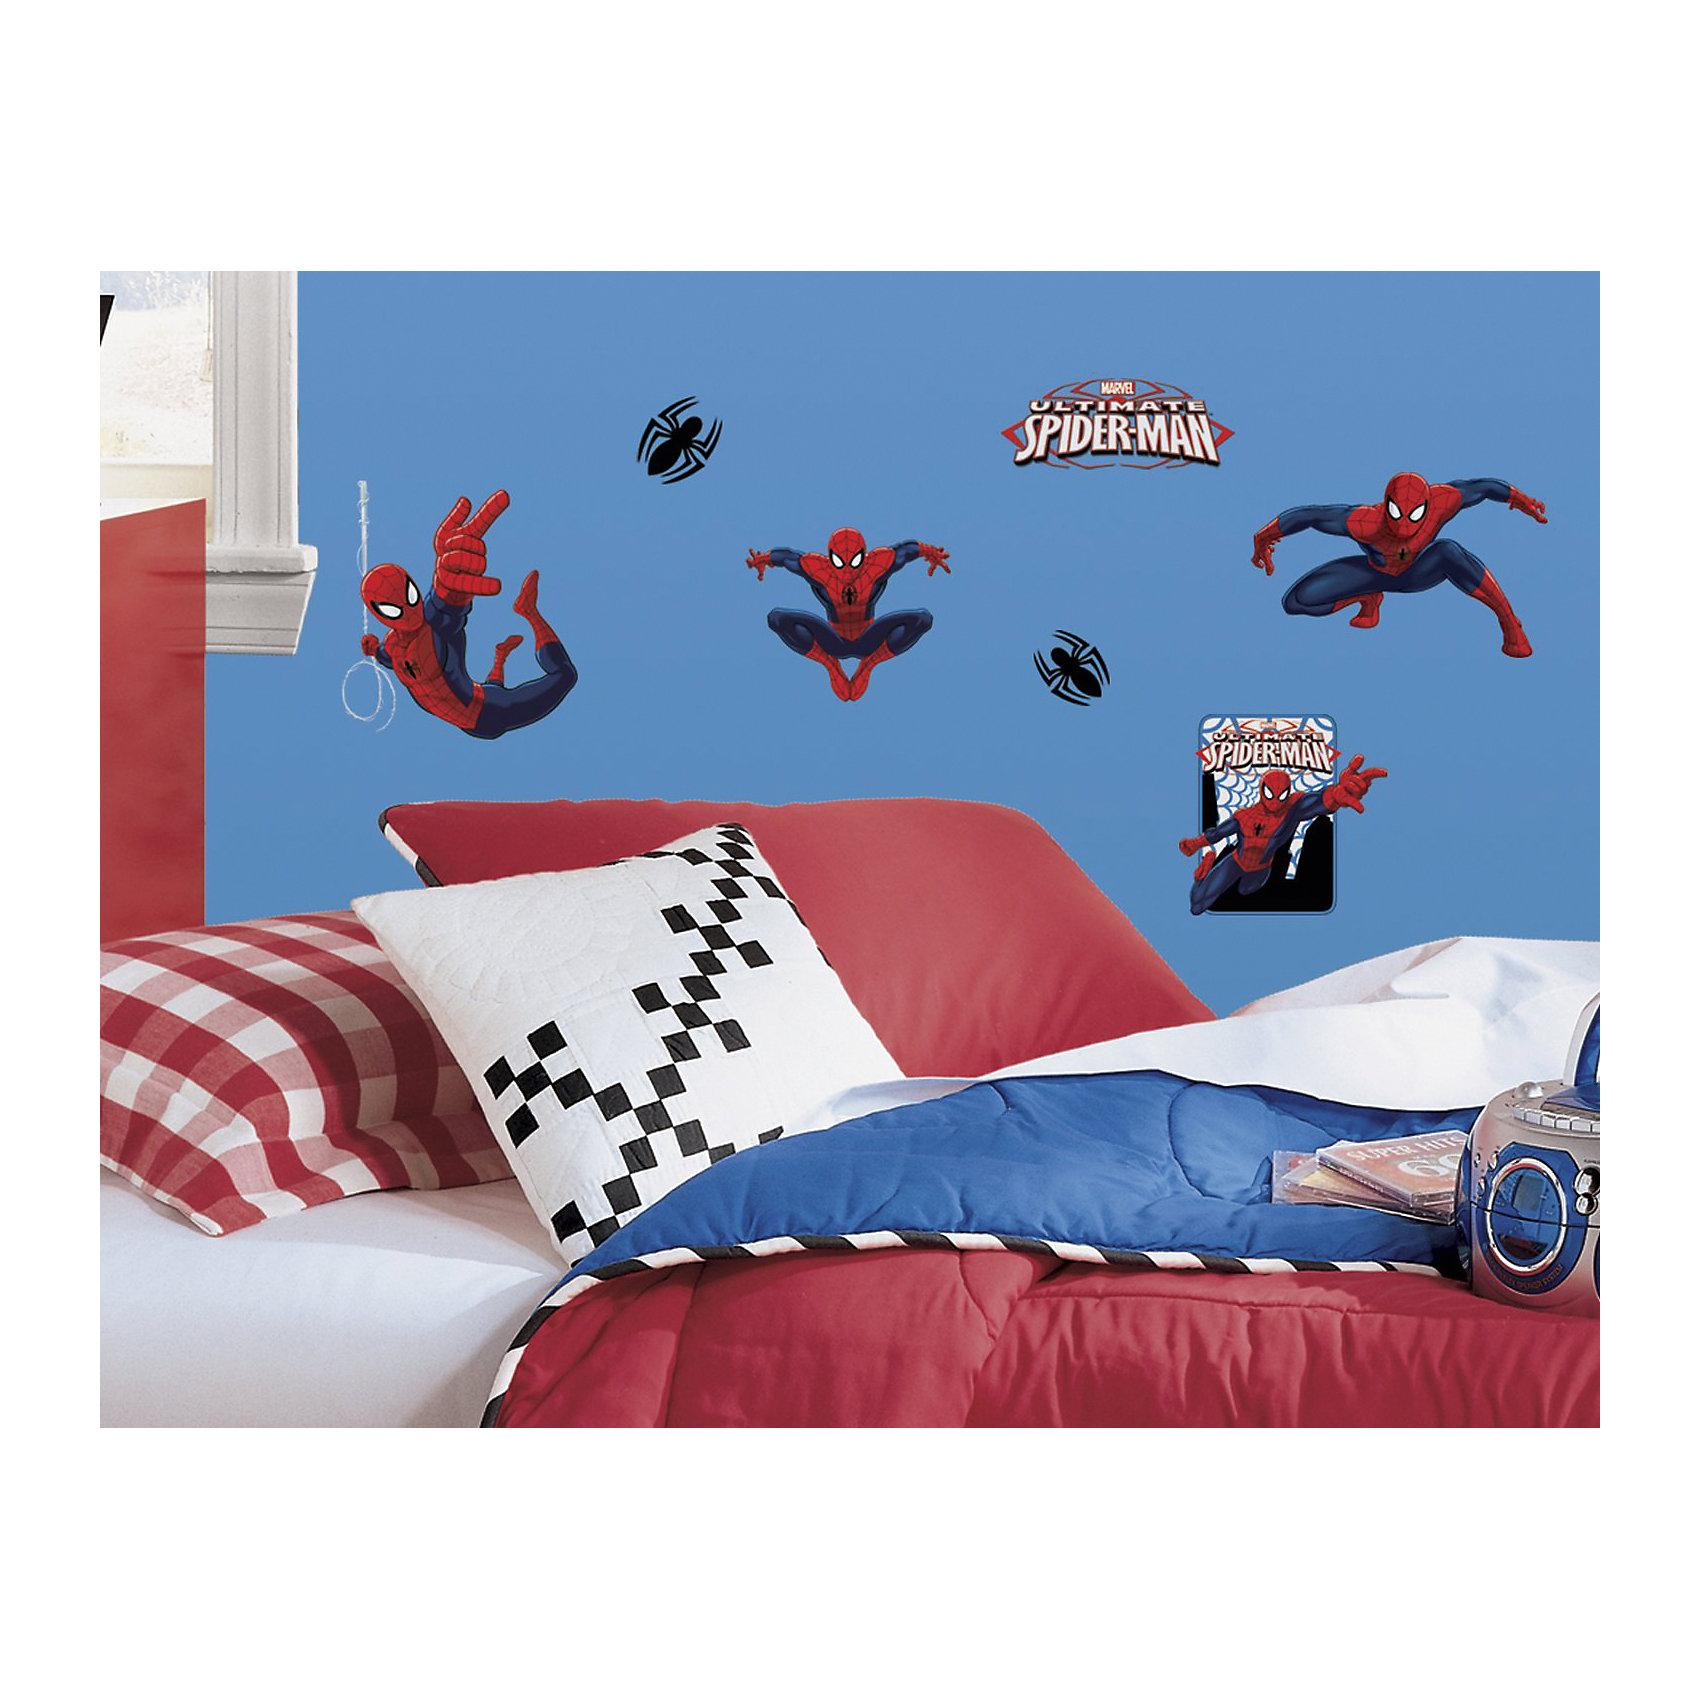 Наклейки для декора Человек-паукНаклейки для декора Человек-паук, RoomMates, замечательно подойдут для украшения Вашего интерьера, детской комнаты, спальни или мебели. В комплект входят наклейки с изображениями персонажей фильмов и комиксов о популярном супергерое Человеке-пауке (всего в наборе 22 наклейки). Наклейки просты в применении и подходят для многоразового использования. Освободите выбранный рисунок от защитного слоя и приклейте на стену или любую другую плоскую гладкую поверхность. Стикеры легко отклеиваются и не оставляют липких следов на поверхности. Яркие наклейки с любимыми героями будут радовать Вашего ребенка и создавать атмосферу домашнего уюта.<br><br>Дополнительная информация:<br><br>- В комплекте: 4 листа наклеек (всего 22 наклейки).<br>- Материал: винил.<br>- Размер упаковки: 29,21 х 12,7 х 2,54 см. <br>- Вес: 141 гр. <br><br>Наклейки для декора Человек-паук, RoomMates, можно купить в нашем интернет-магазине.<br><br>Ширина мм: 8500<br>Глубина мм: 8500<br>Высота мм: 60<br>Вес г: 8500<br>Возраст от месяцев: 36<br>Возраст до месяцев: 144<br>Пол: Мужской<br>Возраст: Детский<br>SKU: 4652186